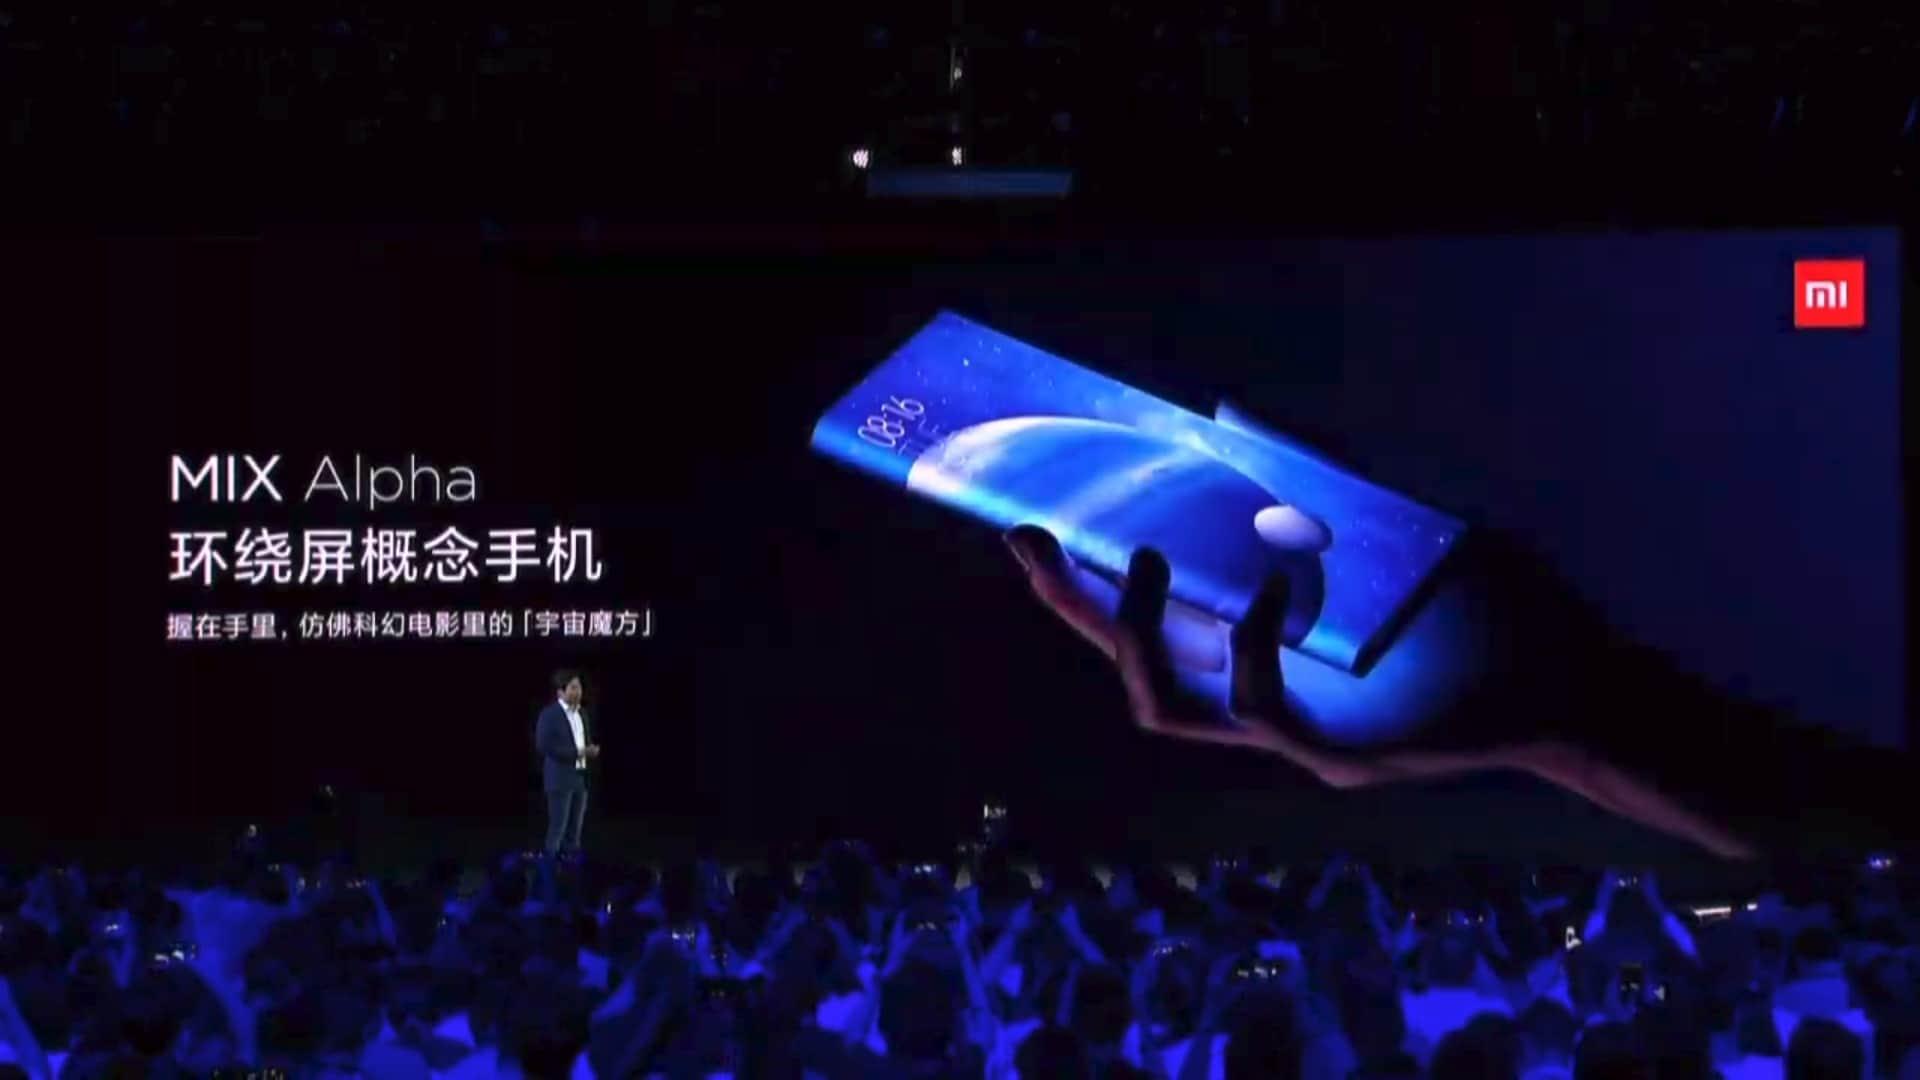 Xiaomi Mi MIX Alpha press conference 4